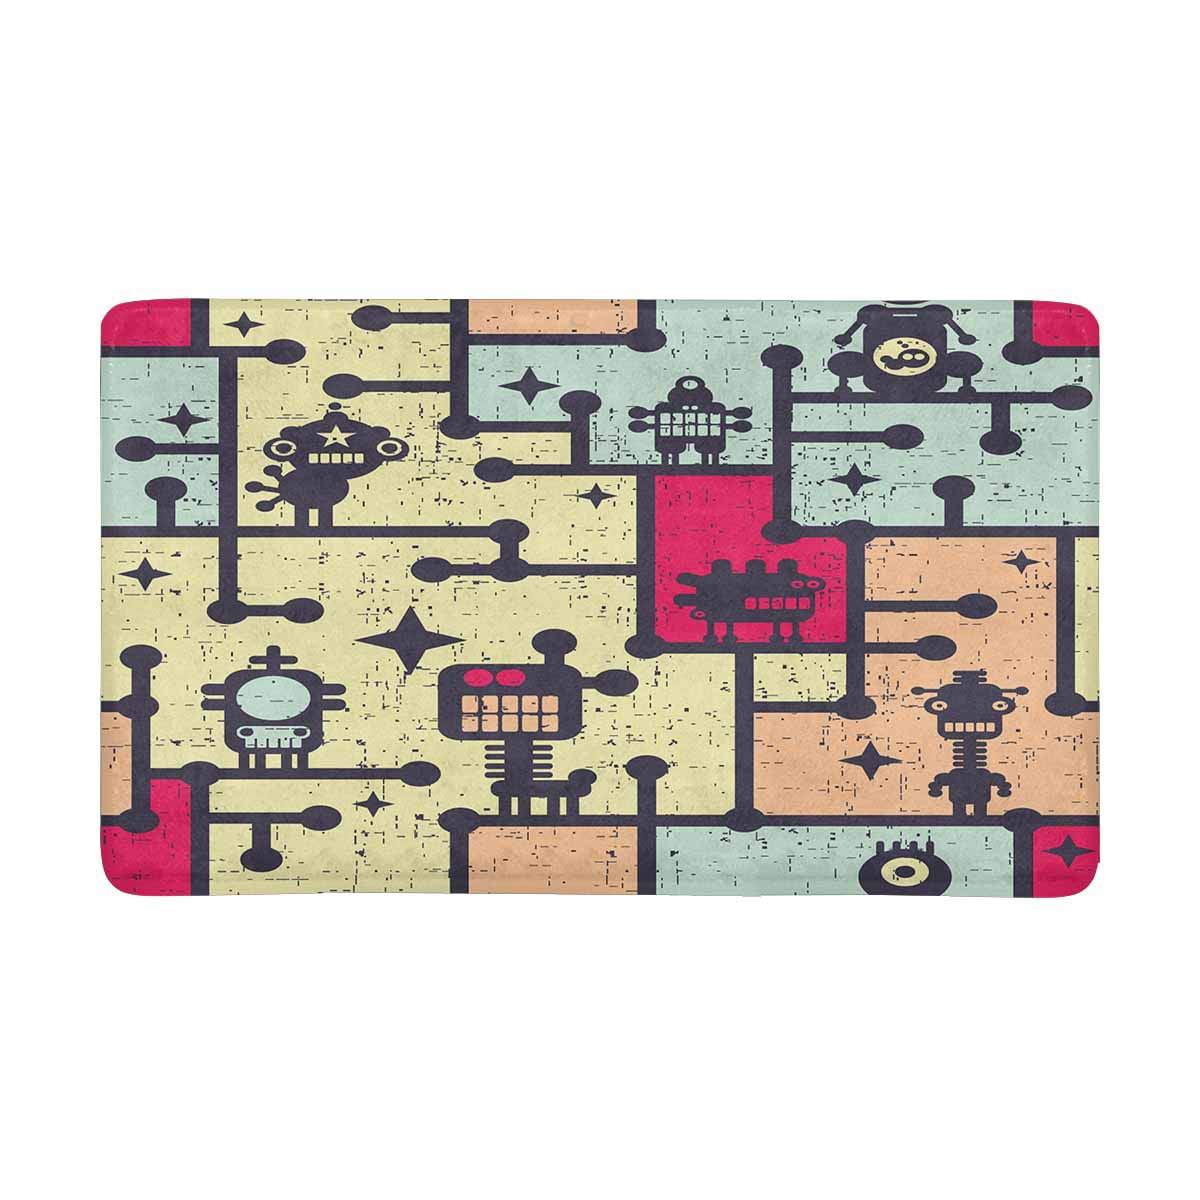 Pop Robot And Monsters Colorful Doormat Non Slip Indoor And Outdoor Door Mat Rug Home Decor Entrance Rug Floor Mats 30x18 Inches Walmart Canada